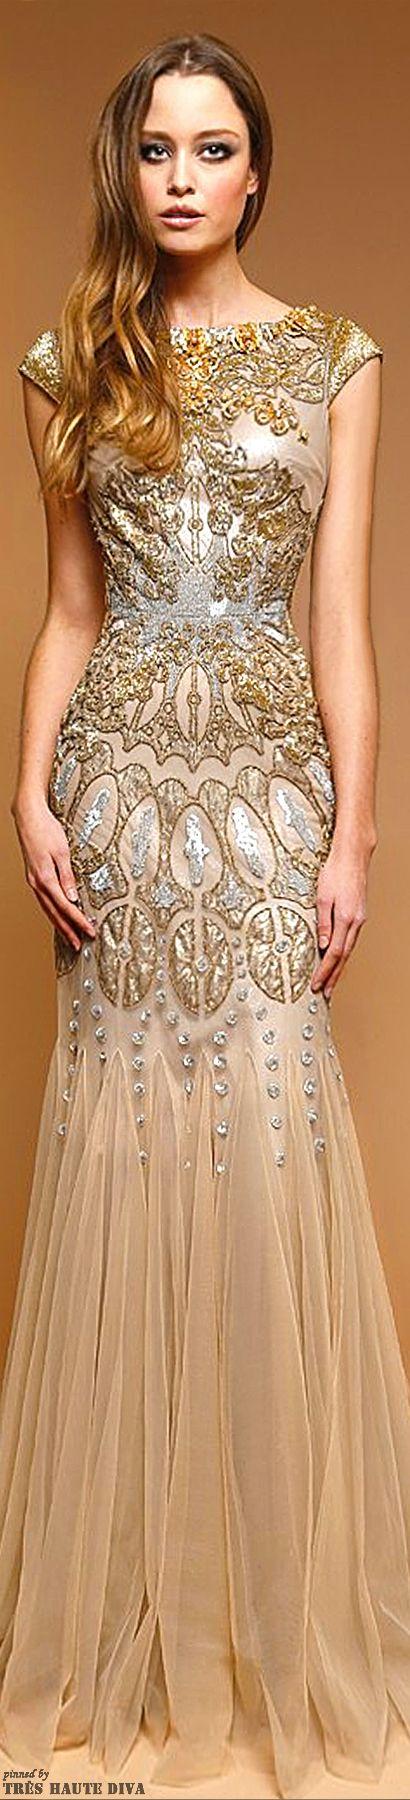 абитуриентски-дизайнерски-рокли-2015-62